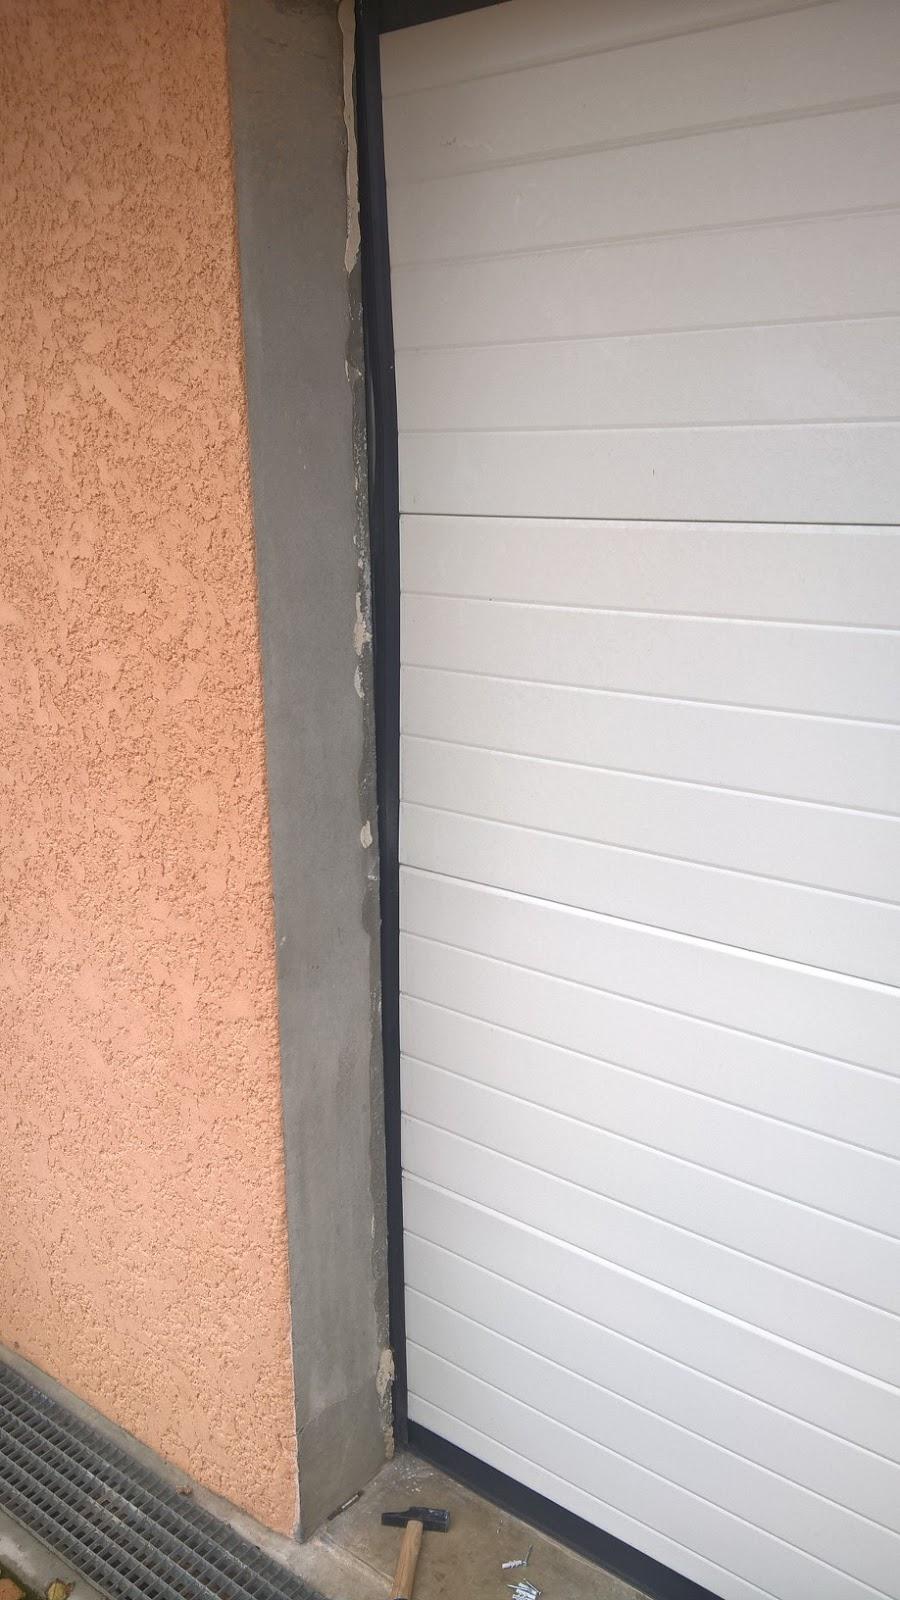 B t s fixation montants porte de garage for Fixation porte de garage